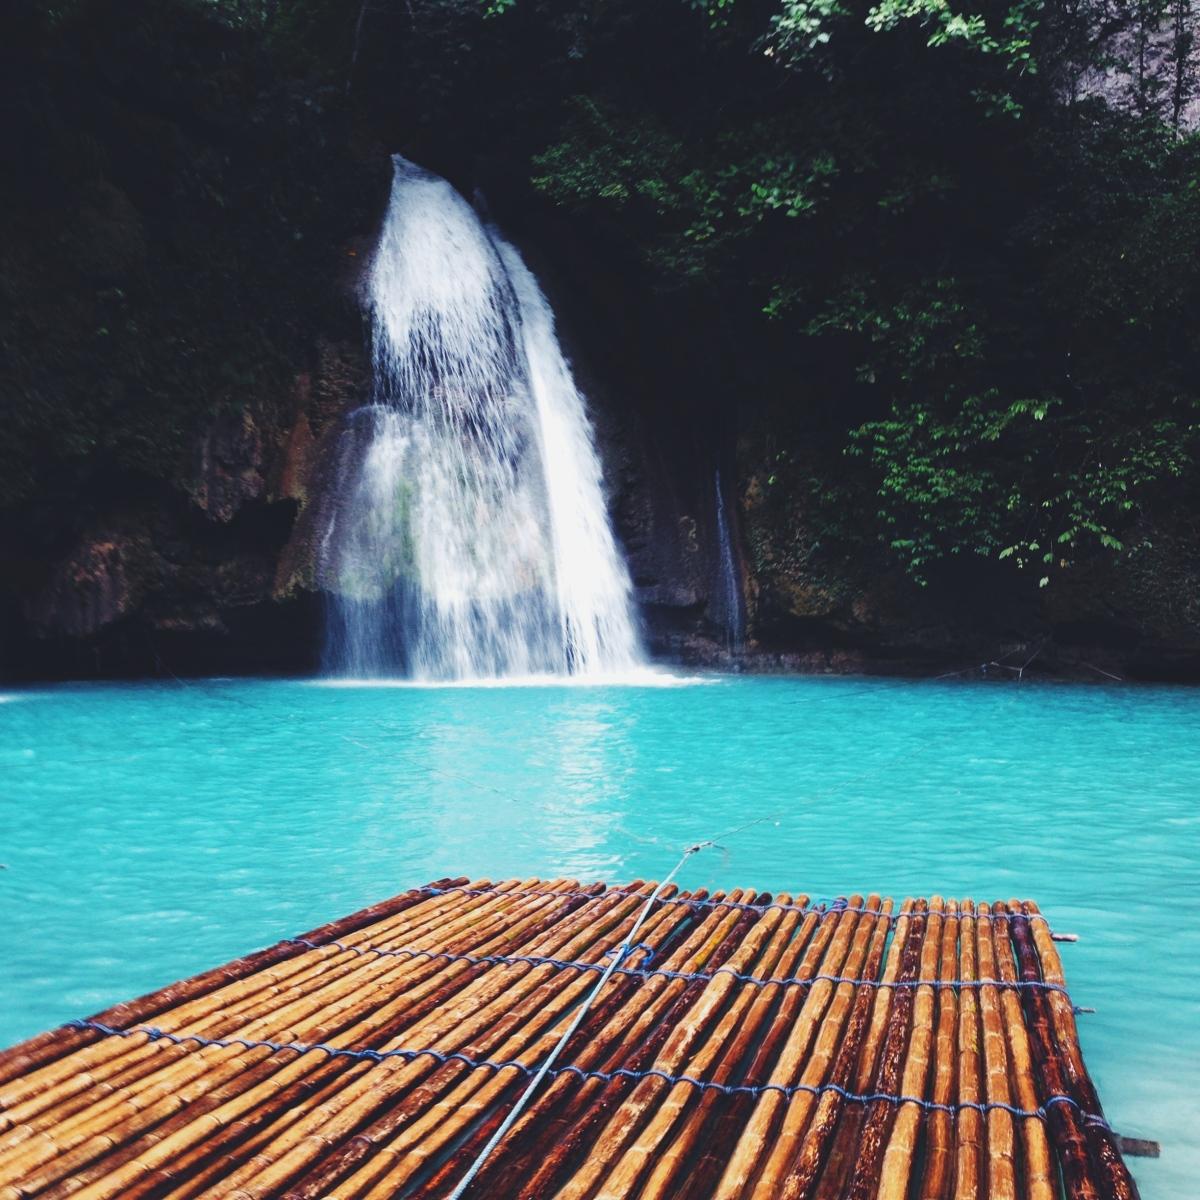 Blue City Morocco Kawasan Falls Cebu Philippines Vacayhack